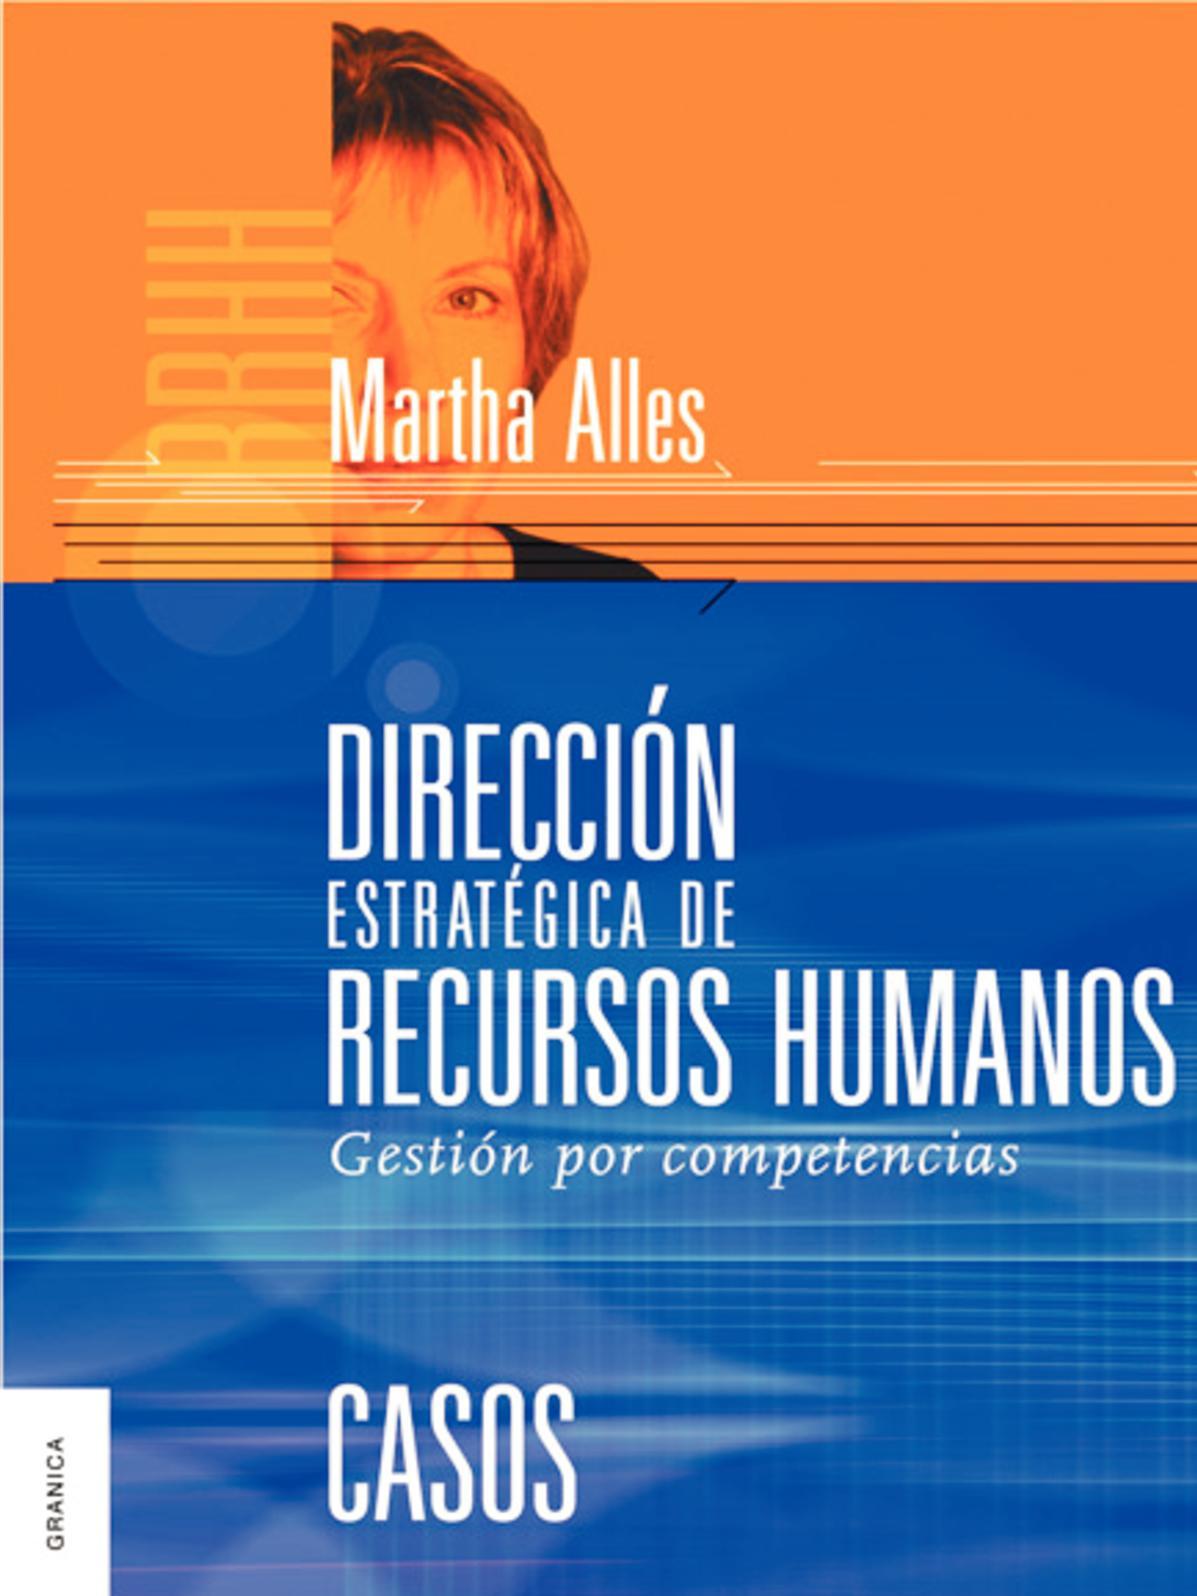 Calaméo - Direccion Estrategica De Recursos Humanos 1